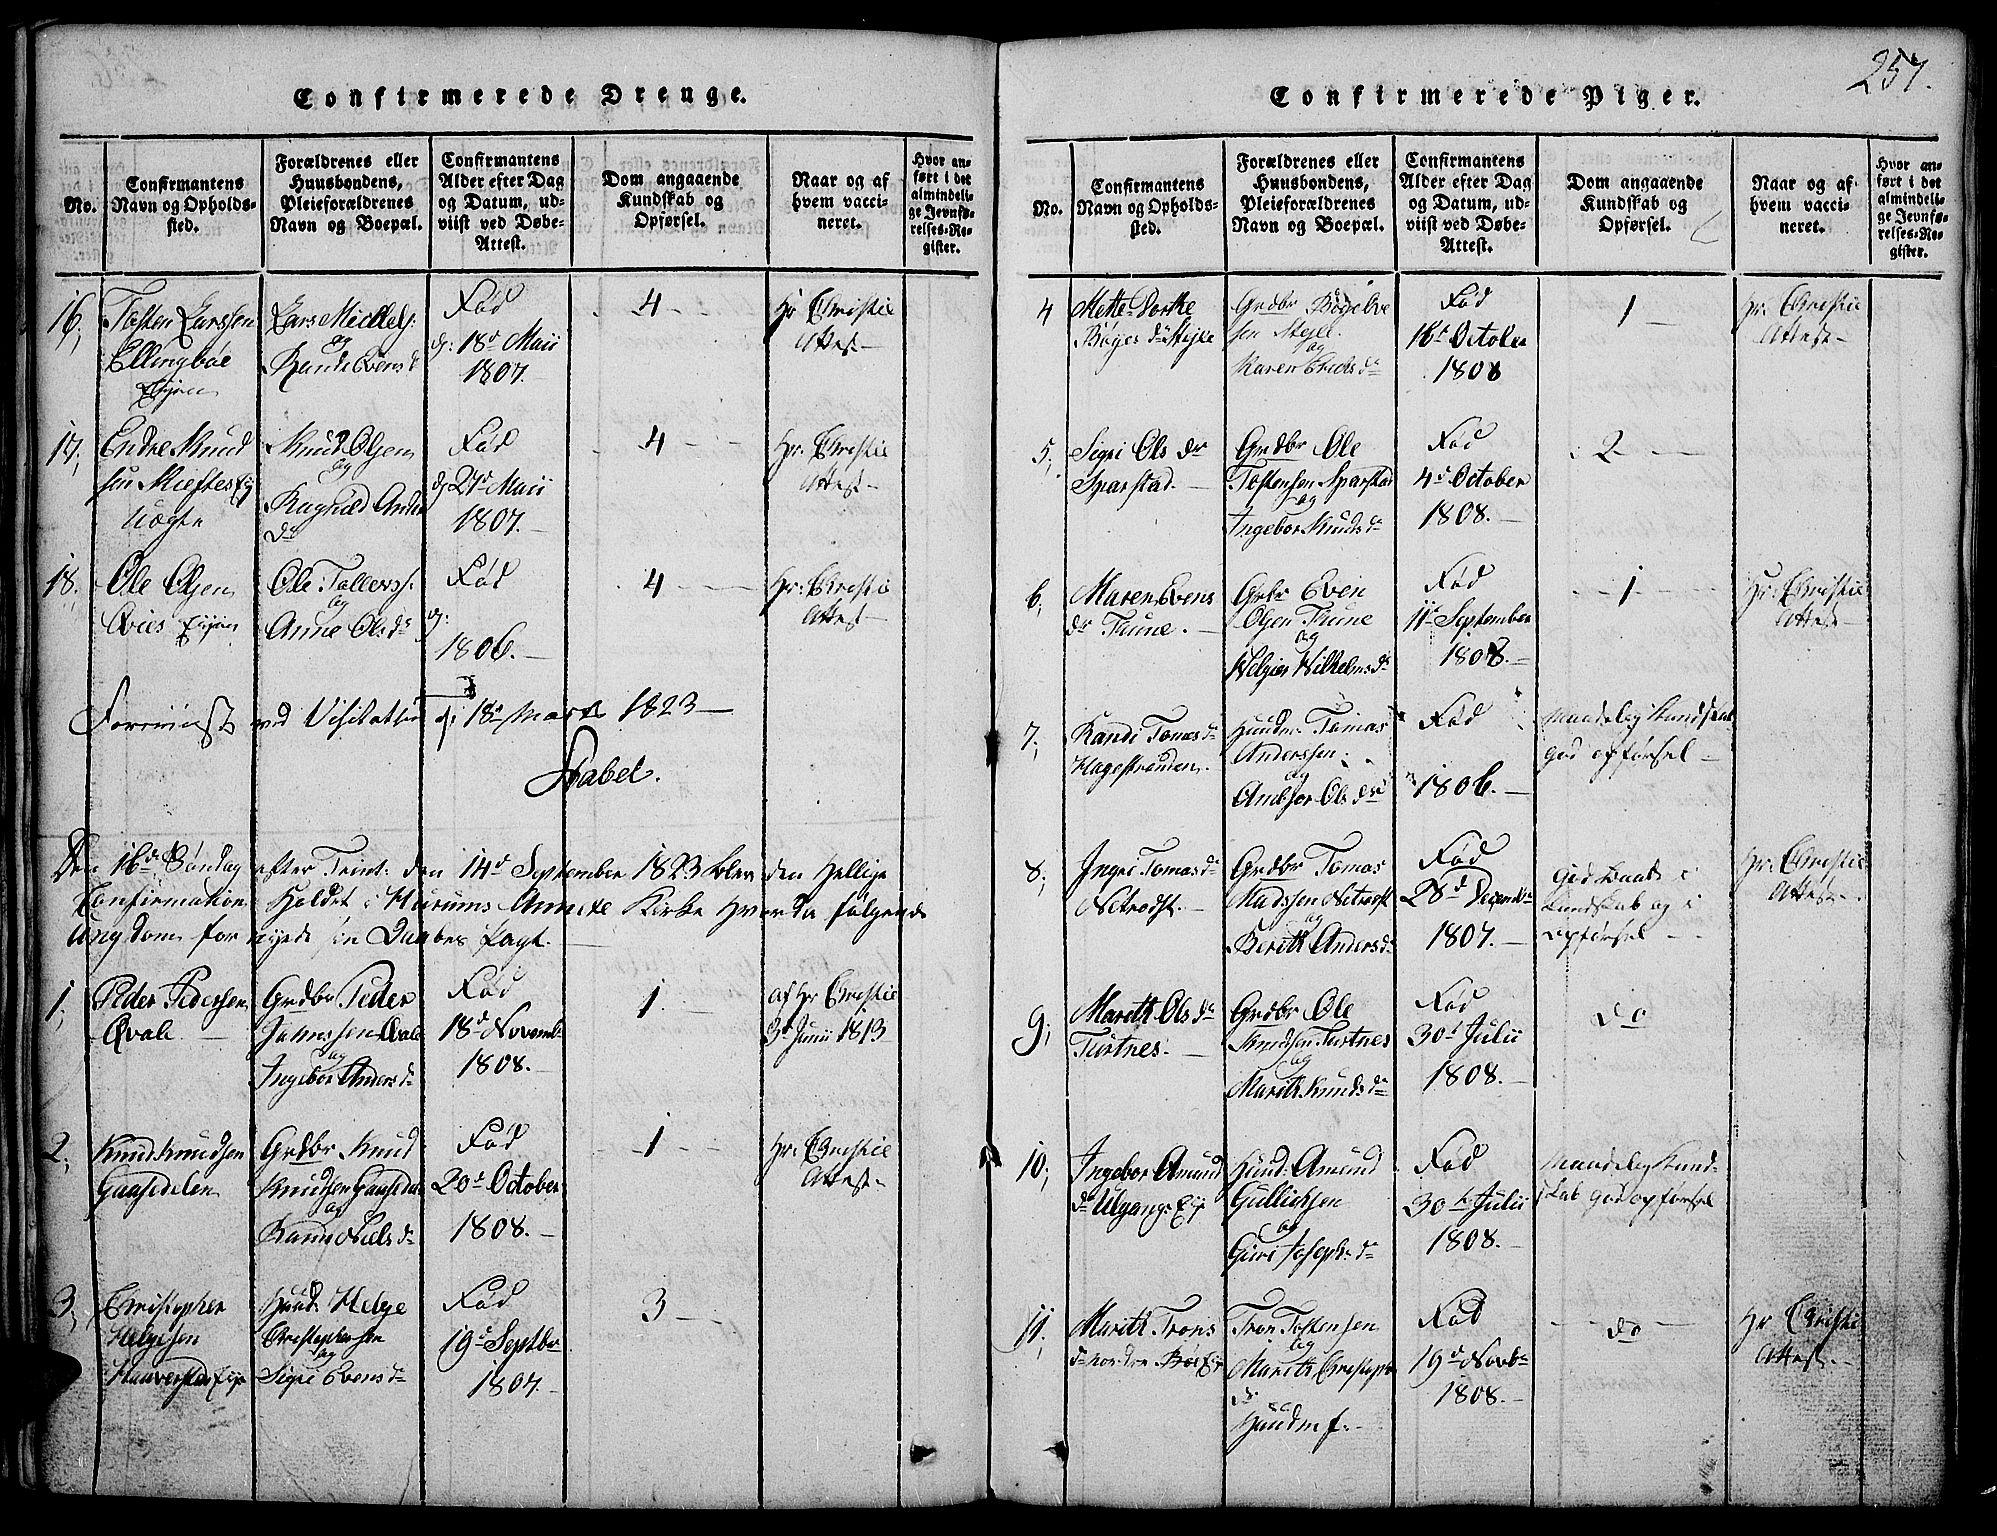 SAH, Vang prestekontor, Valdres, Klokkerbok nr. 2, 1814-1889, s. 257